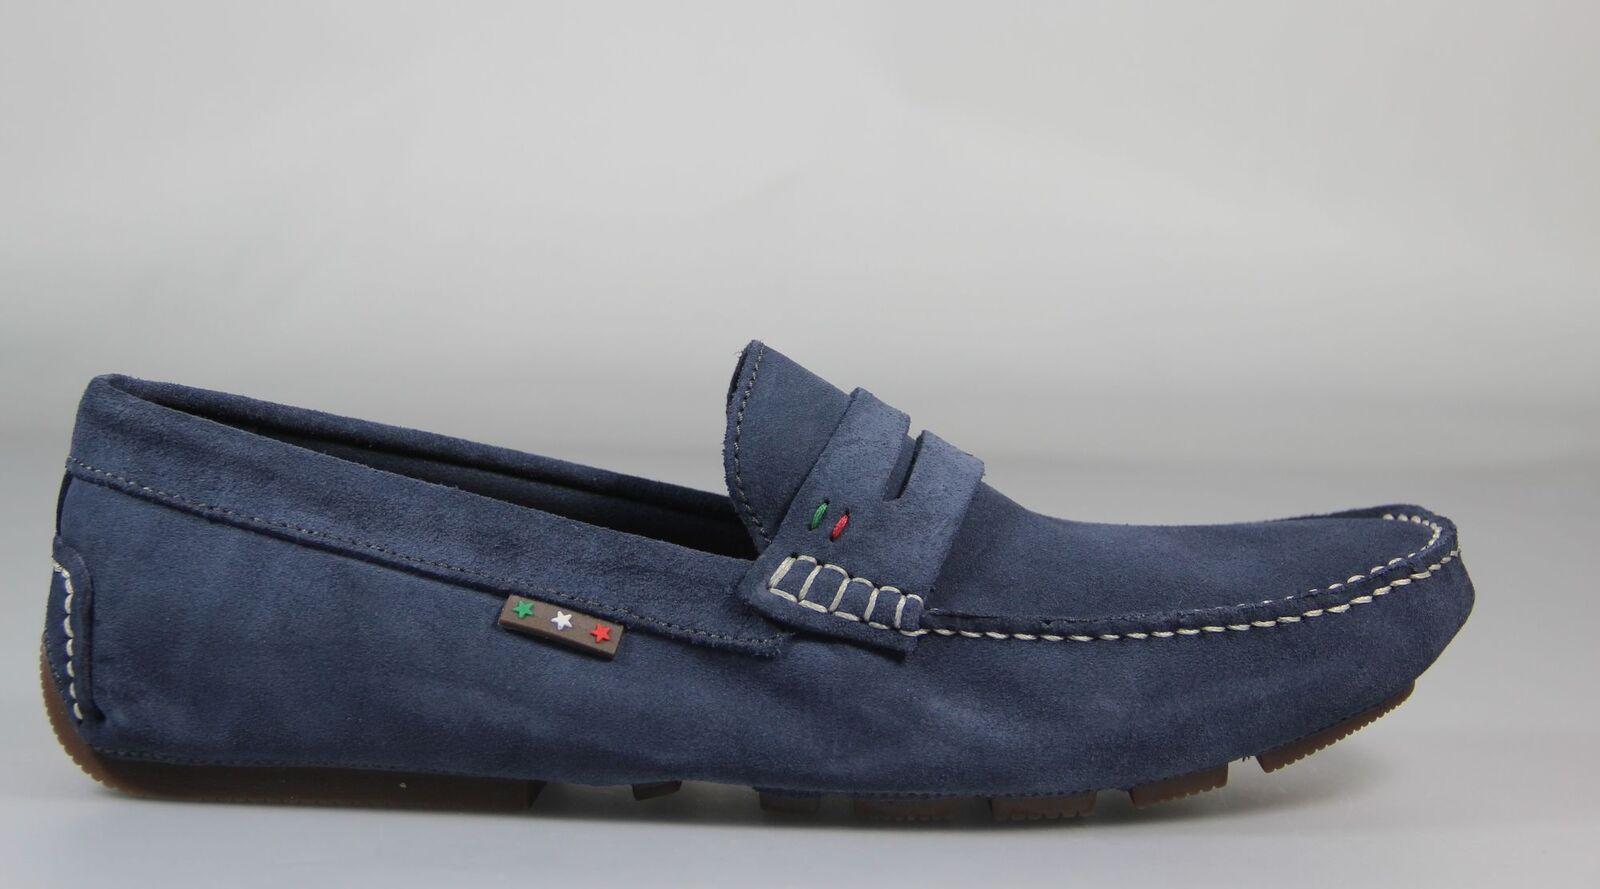 Pantofola d´Gold Oliverio herren Low Denim Blau Herren Slipper    | Haben Wir Lob Von Kunden Gewonnen